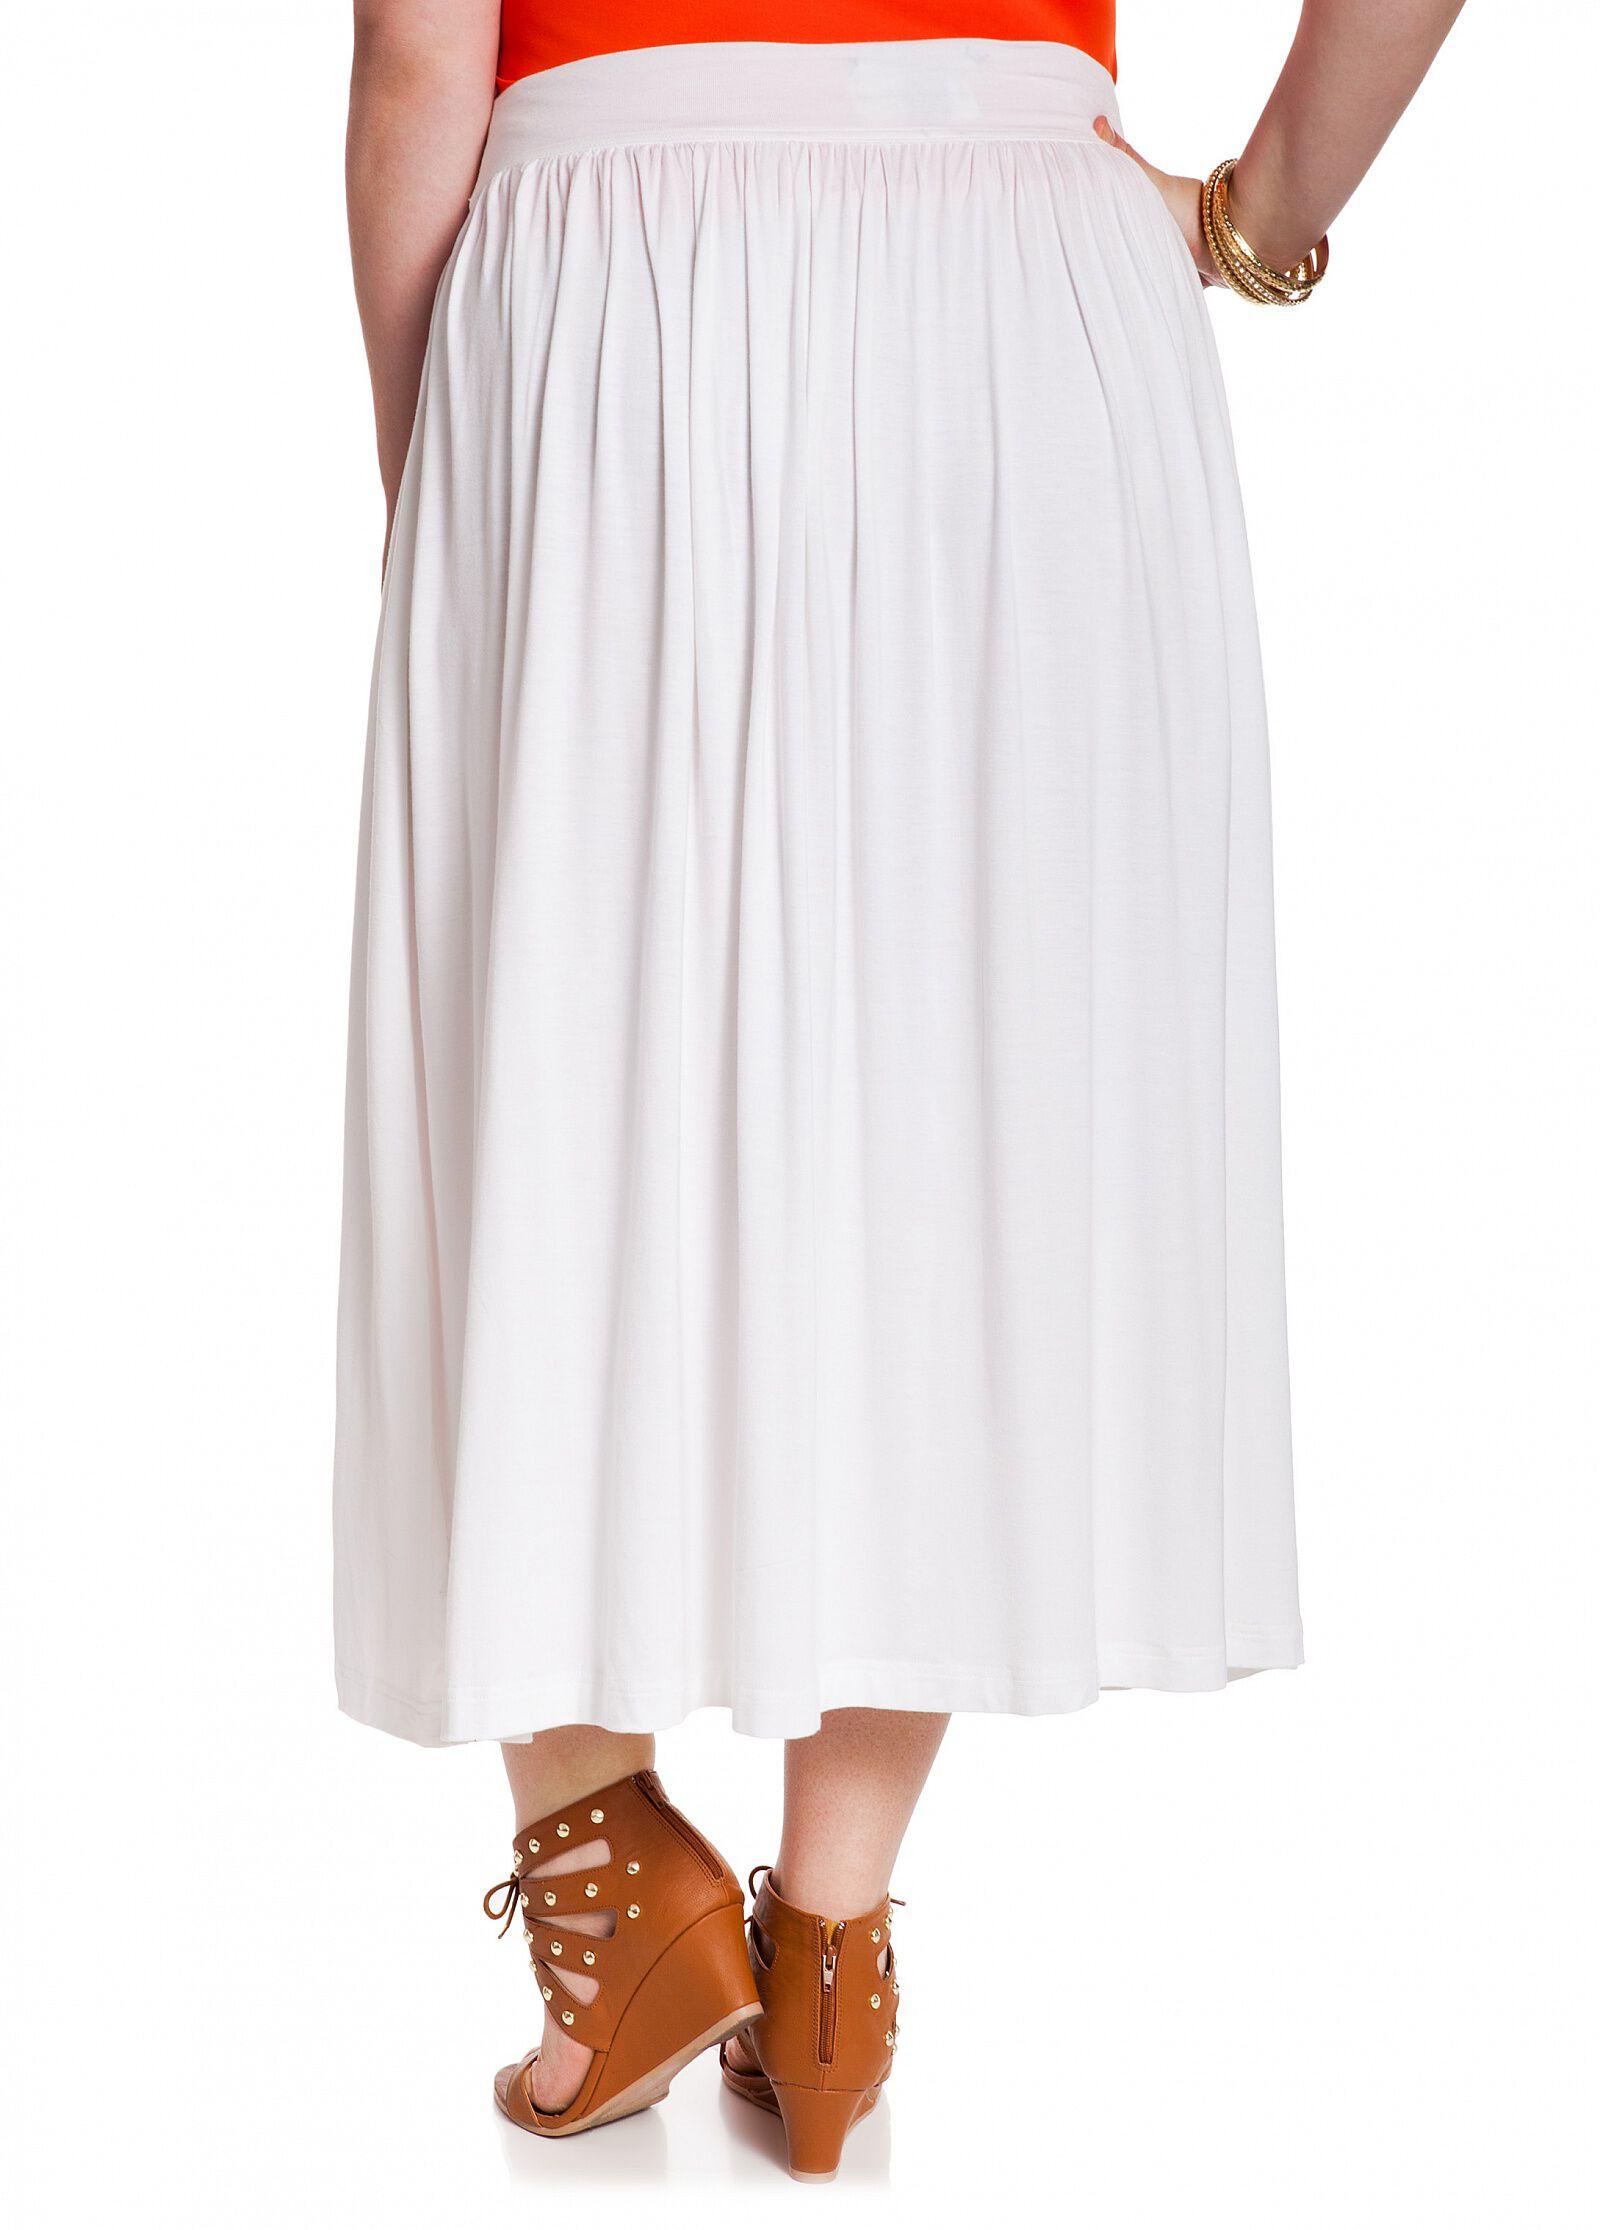 Long Solid White Skirt